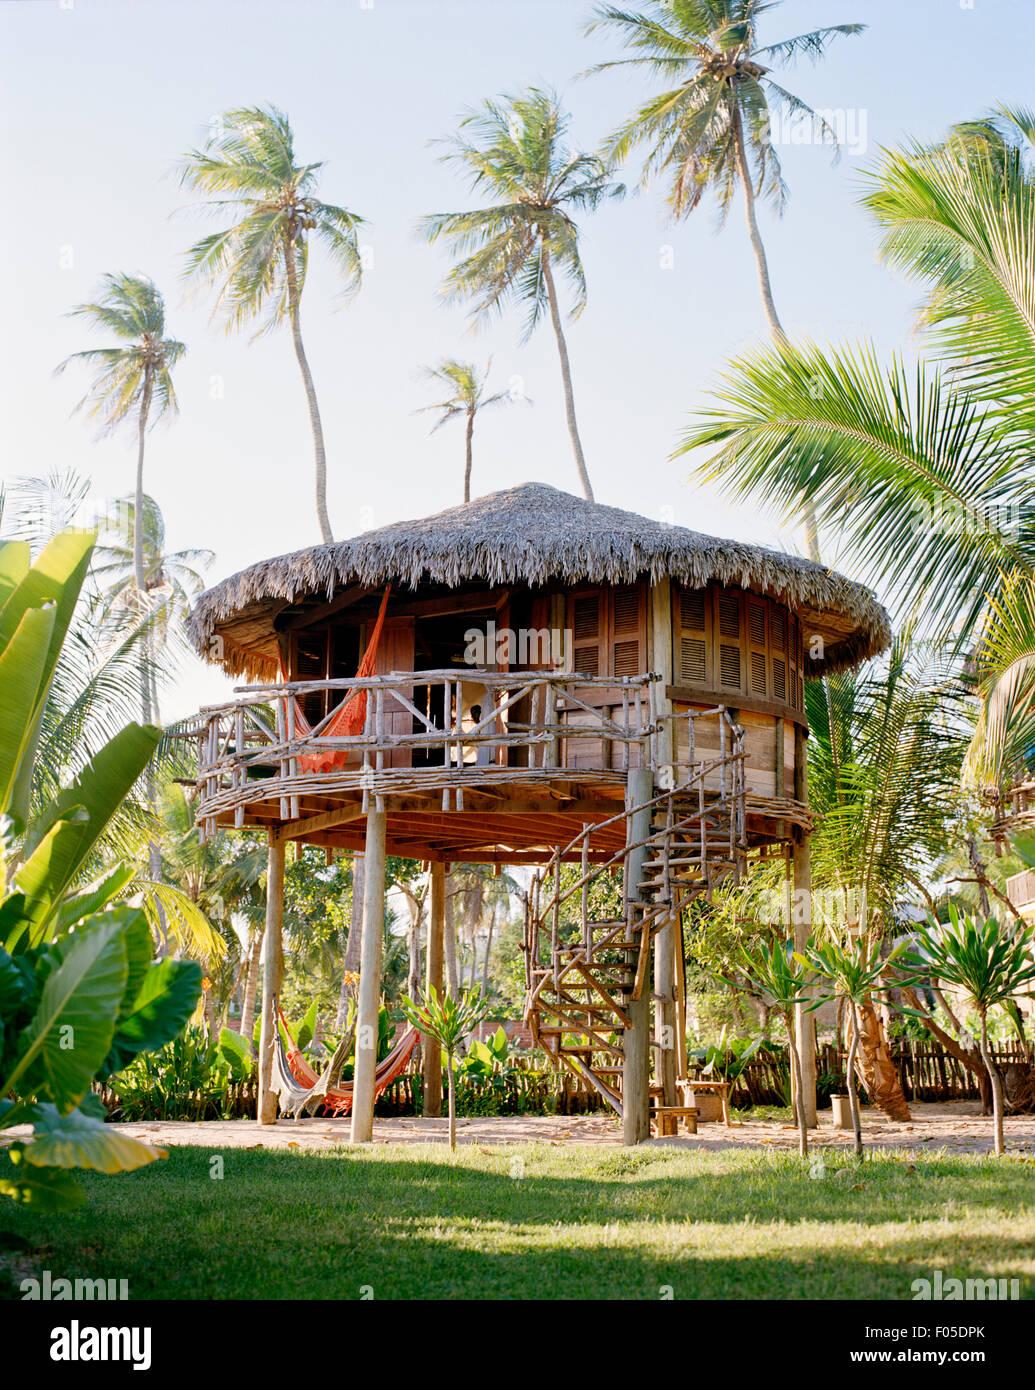 Esterno della Villa # 18 presso l'hotel Vila Kalango. Jericoacoara, Ceara, Brasile. America del Sud Immagini Stock